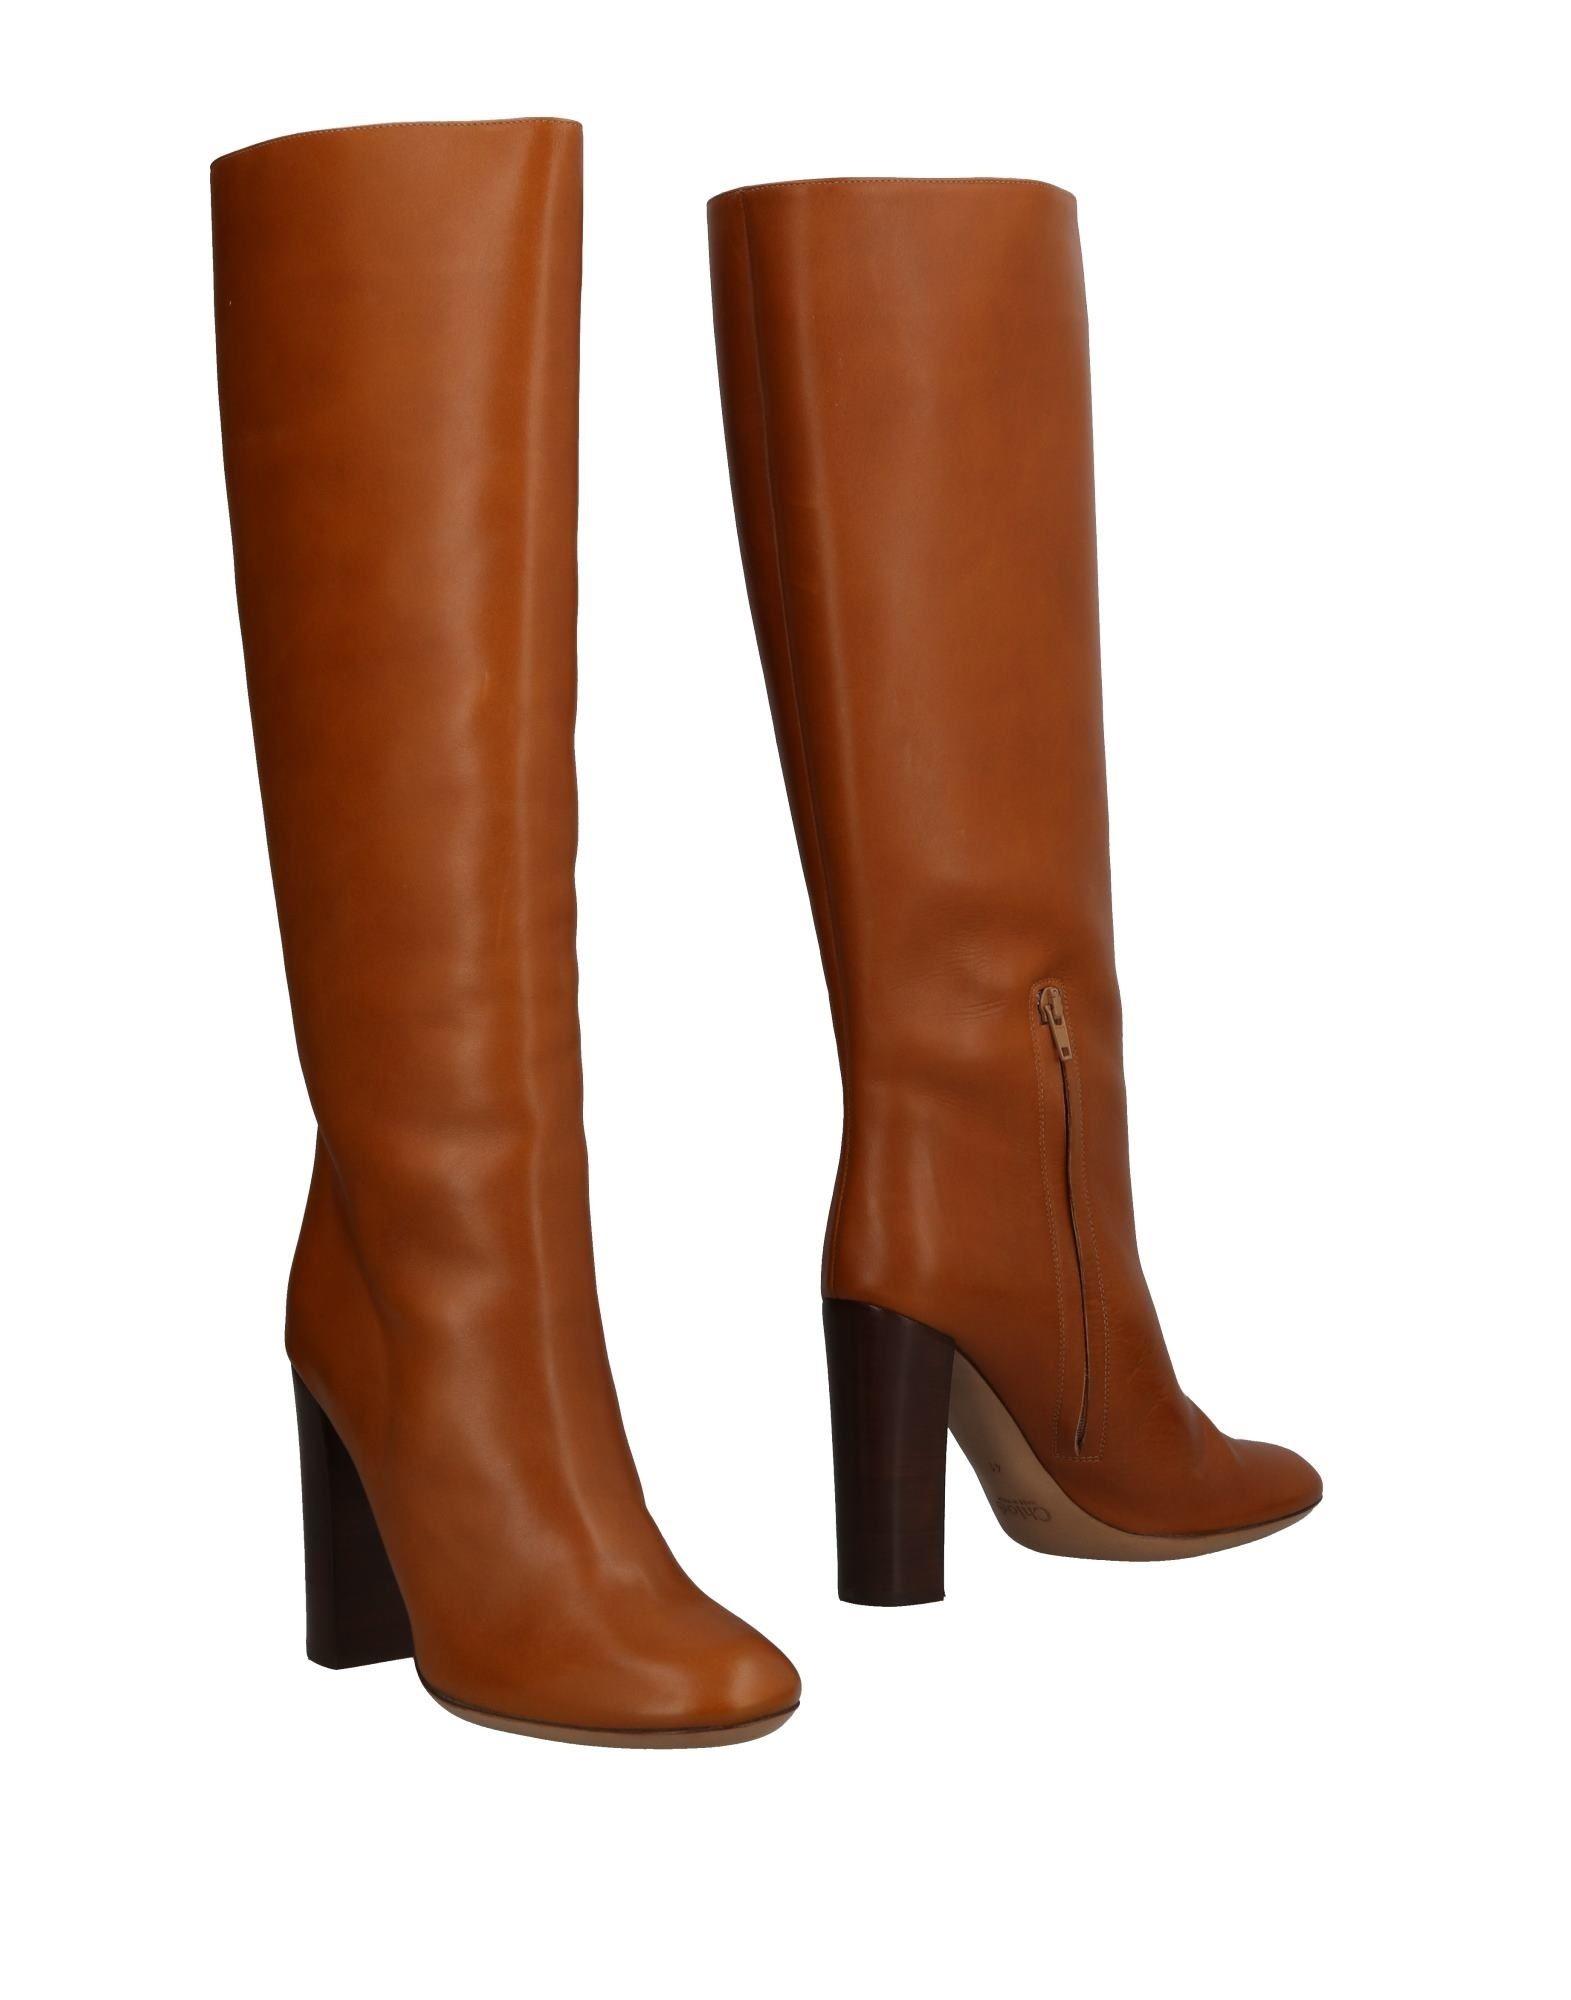 Stivali Chloé Donna - 11489131HW Scarpe economiche e buone